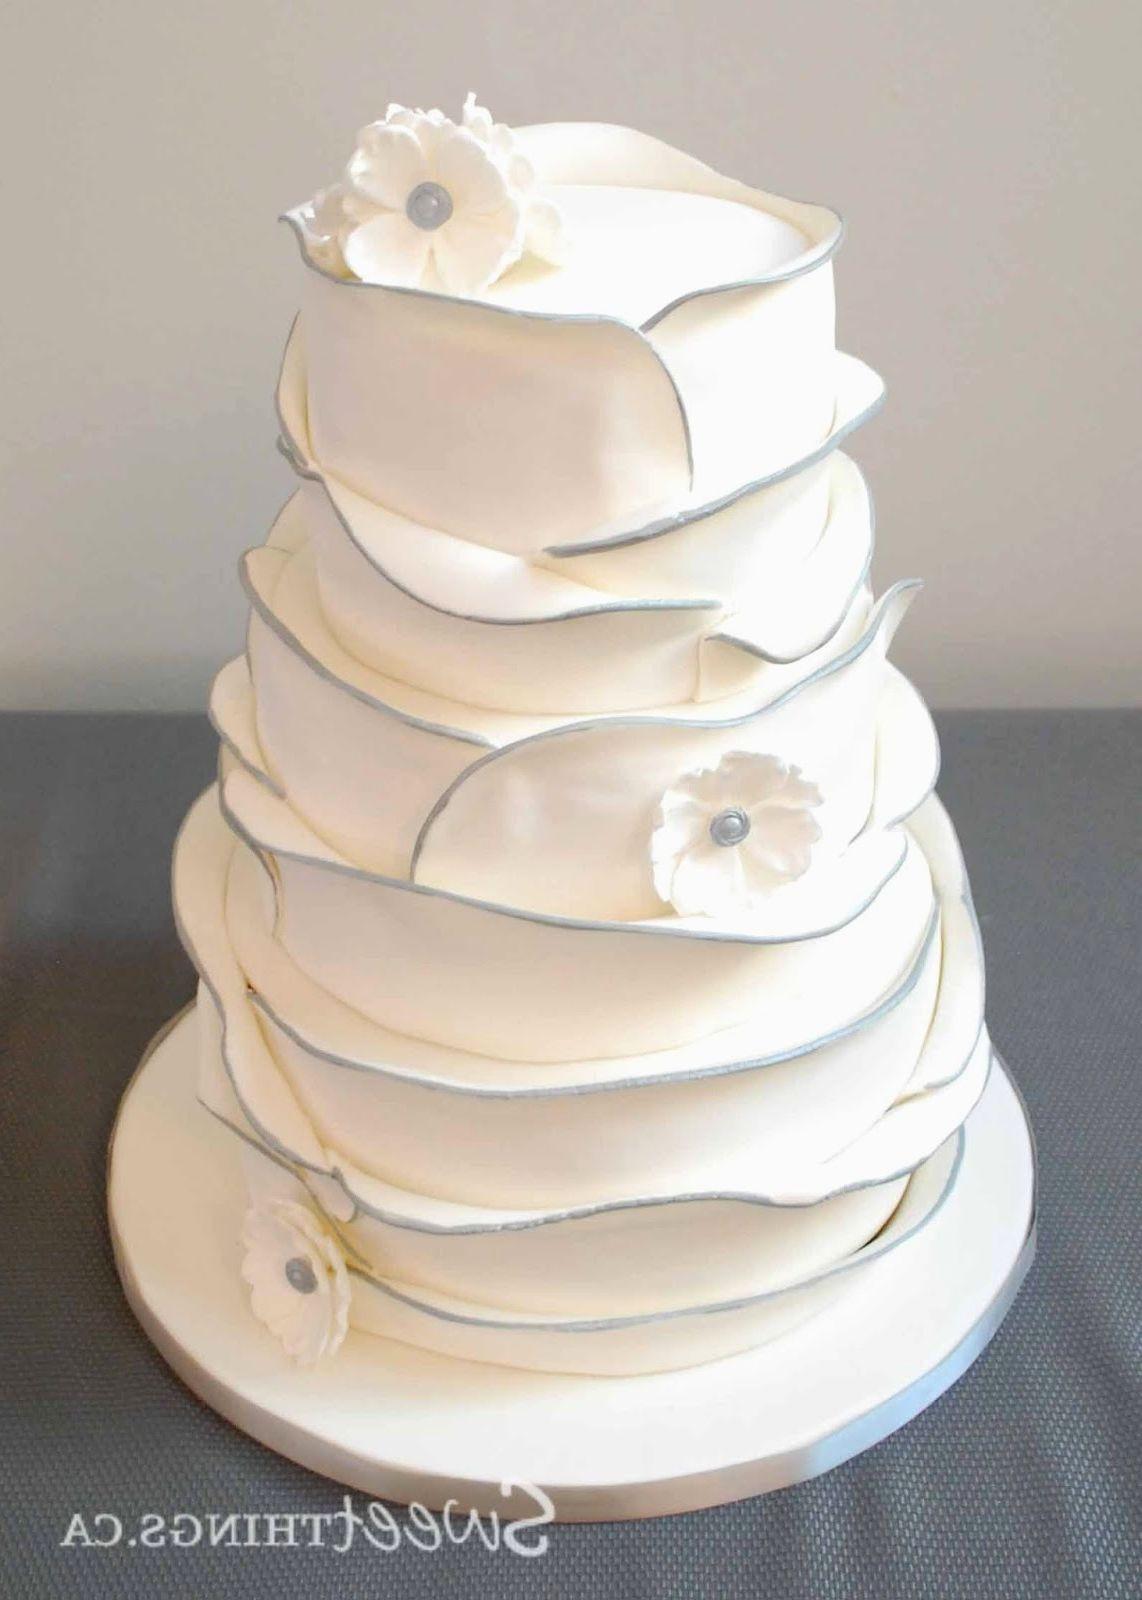 Simple Two Tier Wedding Cakes  Simple 2 tier wedding cake designs idea in 2017